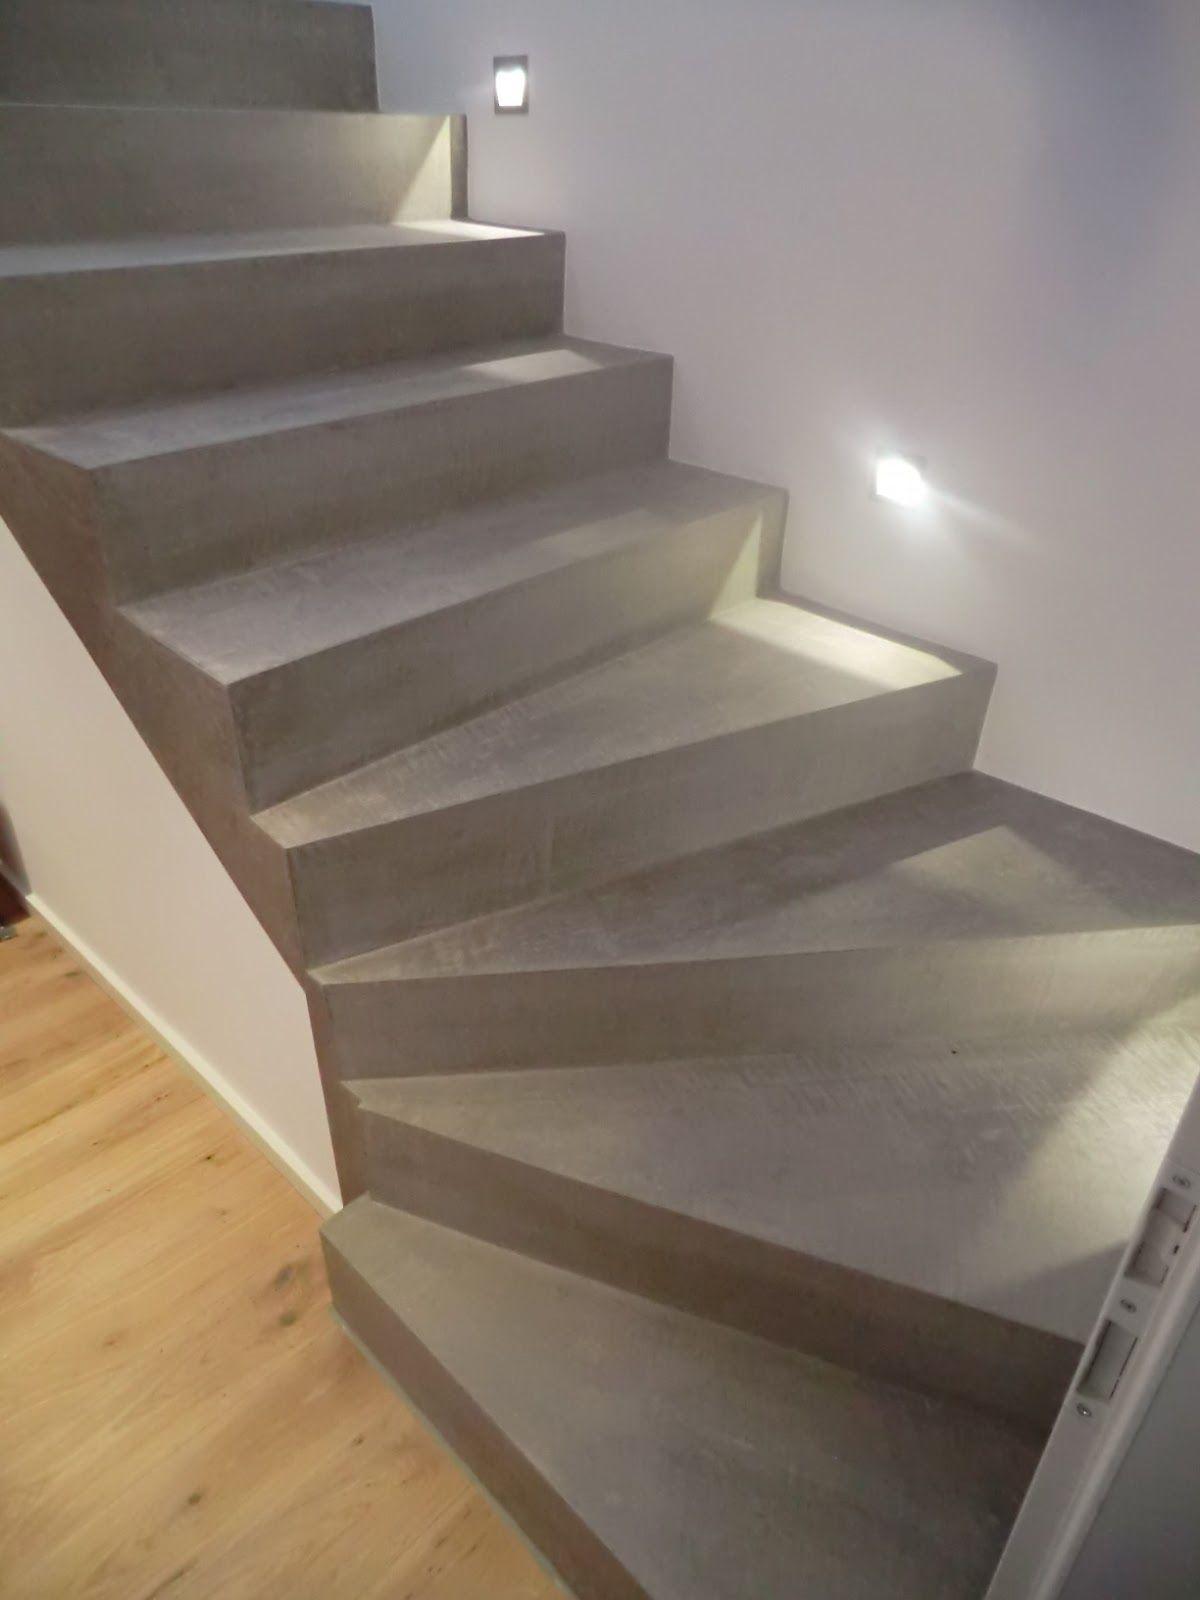 Beton Cire Kaufen sie suchen profi beton cire beschichtungen und produkte in beton